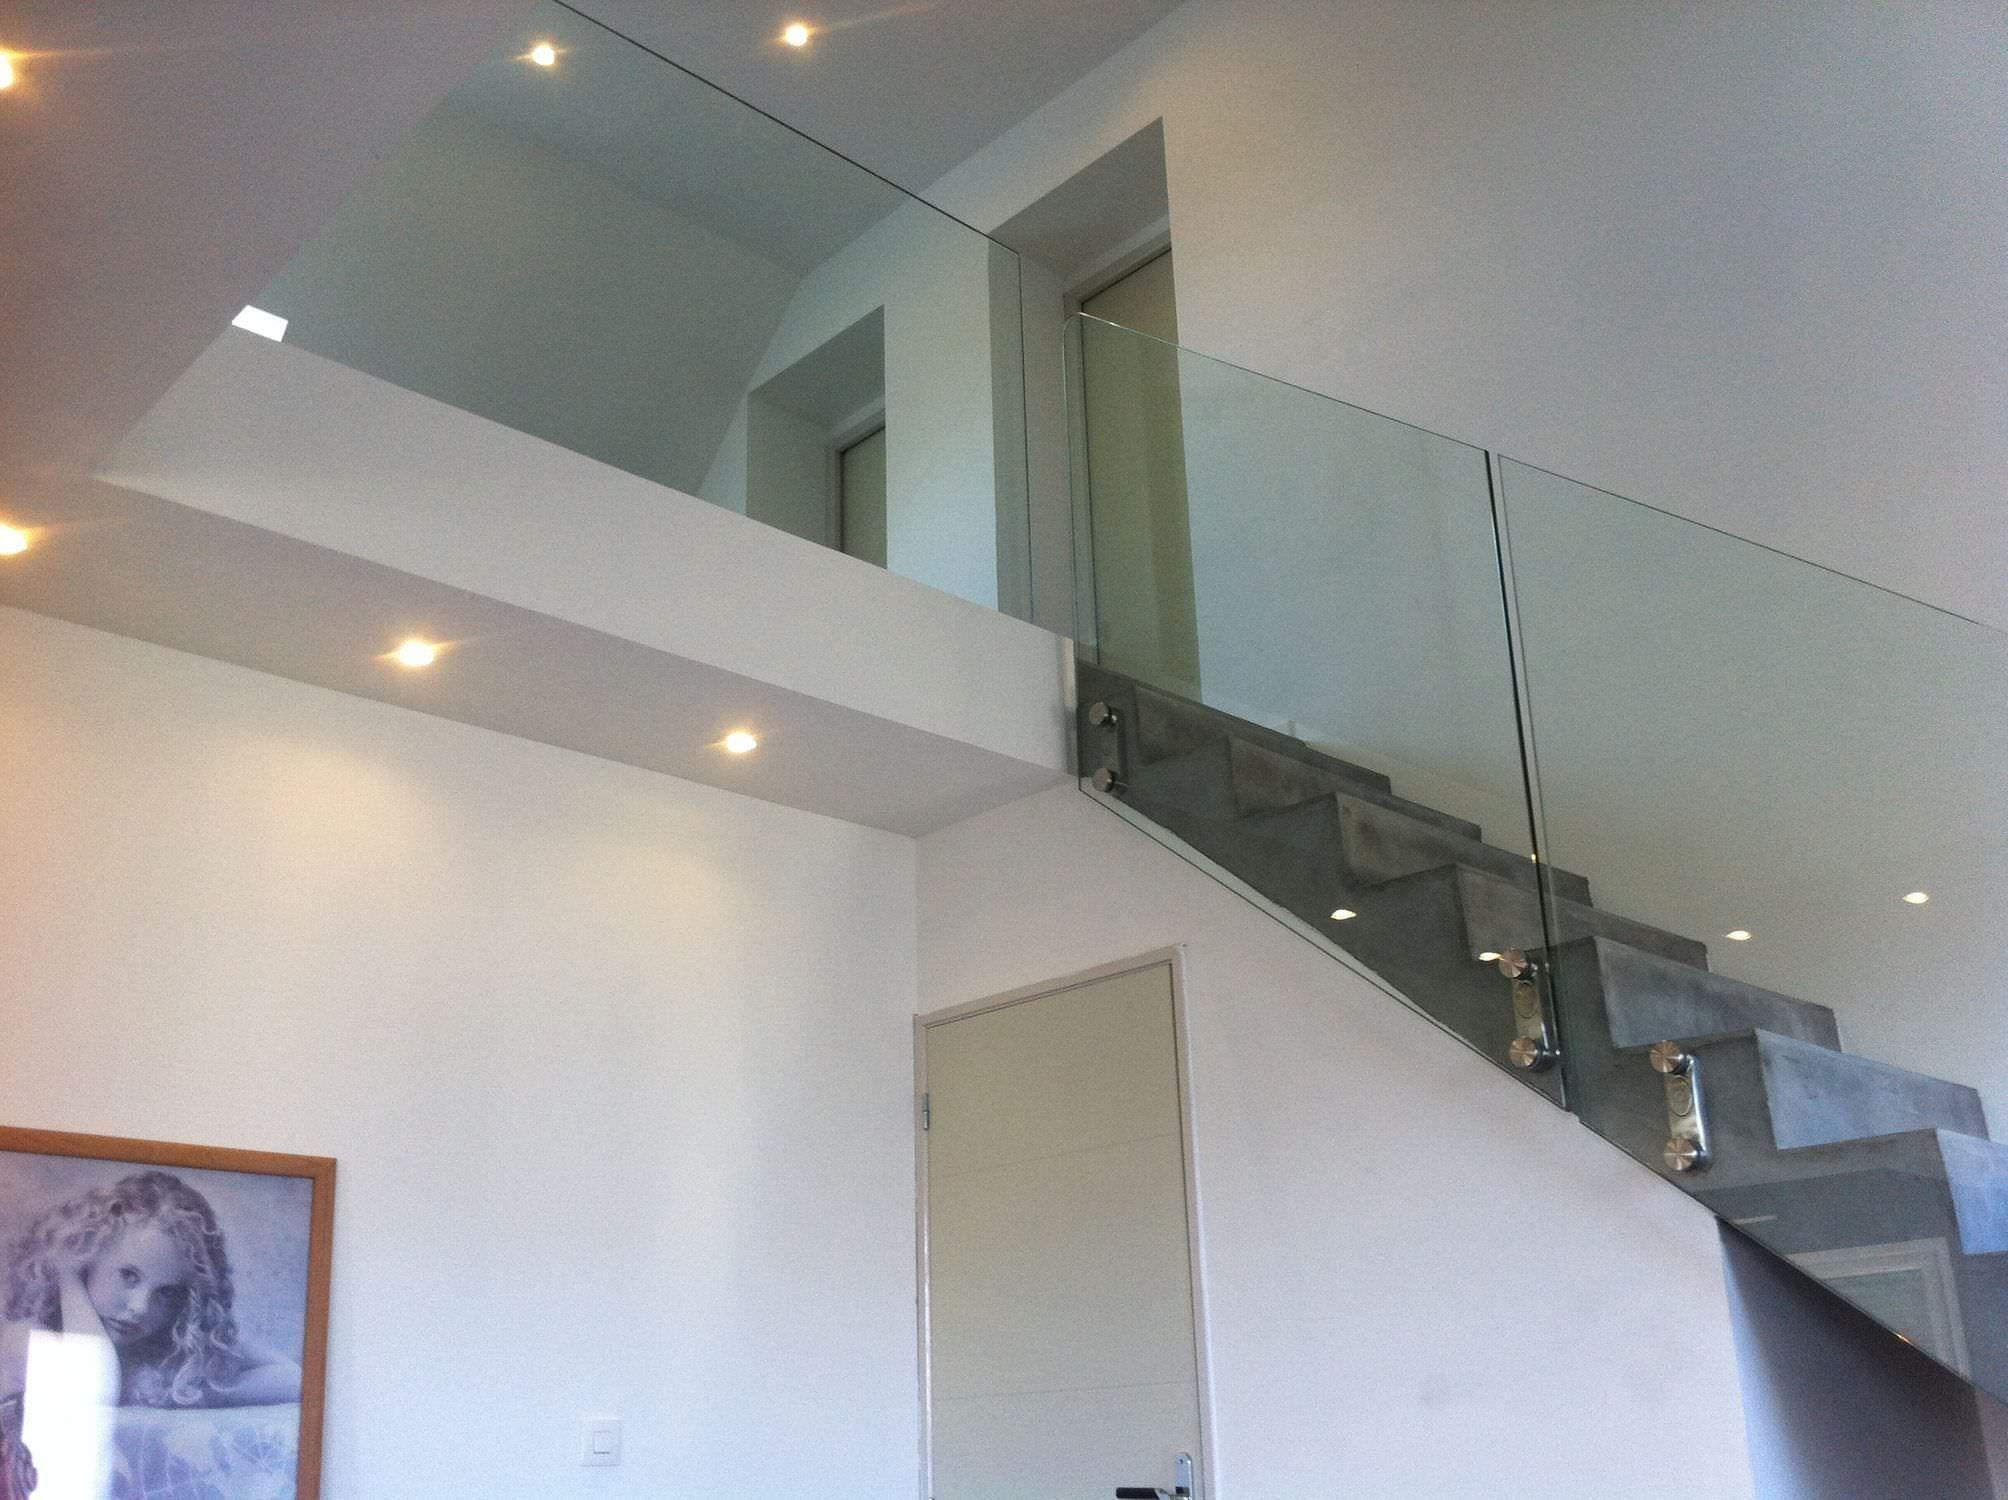 garde corps d 39 ext rieur en m tal panneaux en verre. Black Bedroom Furniture Sets. Home Design Ideas